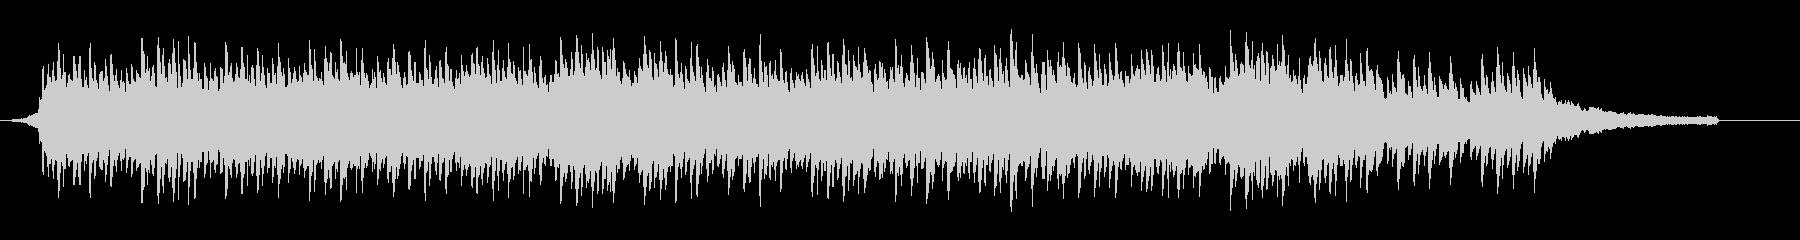 企業VP182、ピアノ、アコギ、爽やかSの未再生の波形